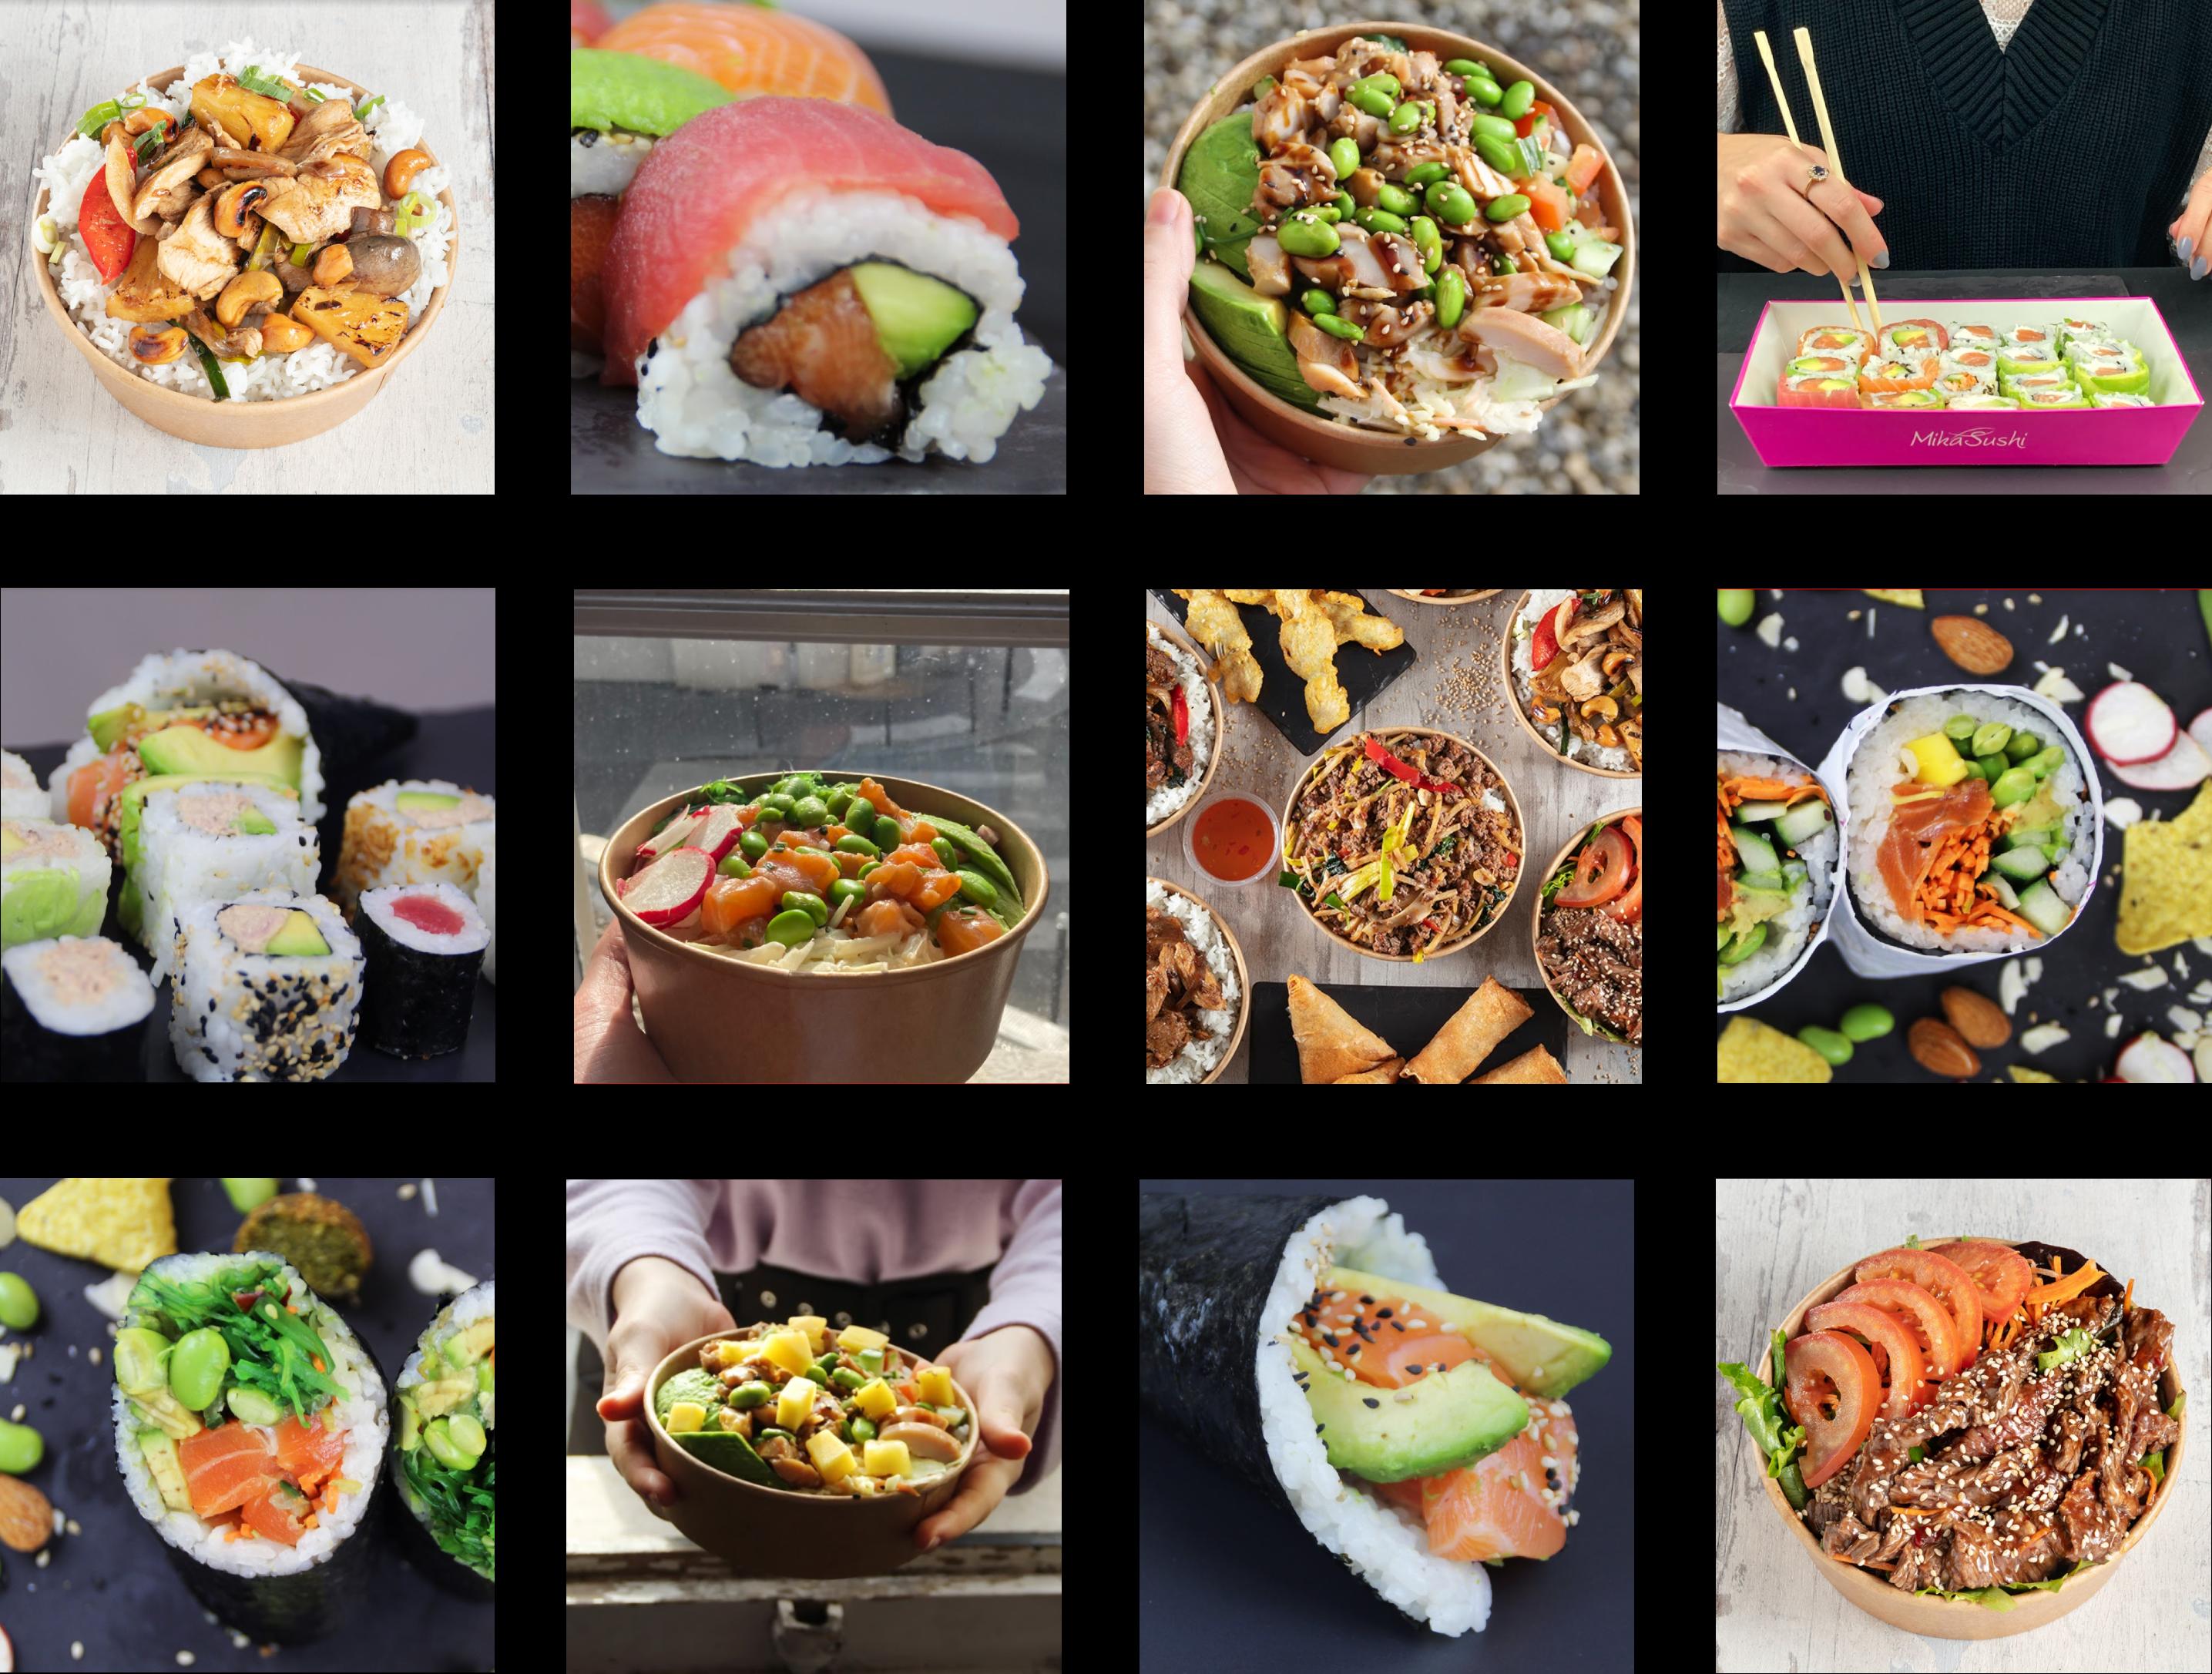 12 images carré poke bowl mika sushi sushi maki buddha bowl burrito sushi maki